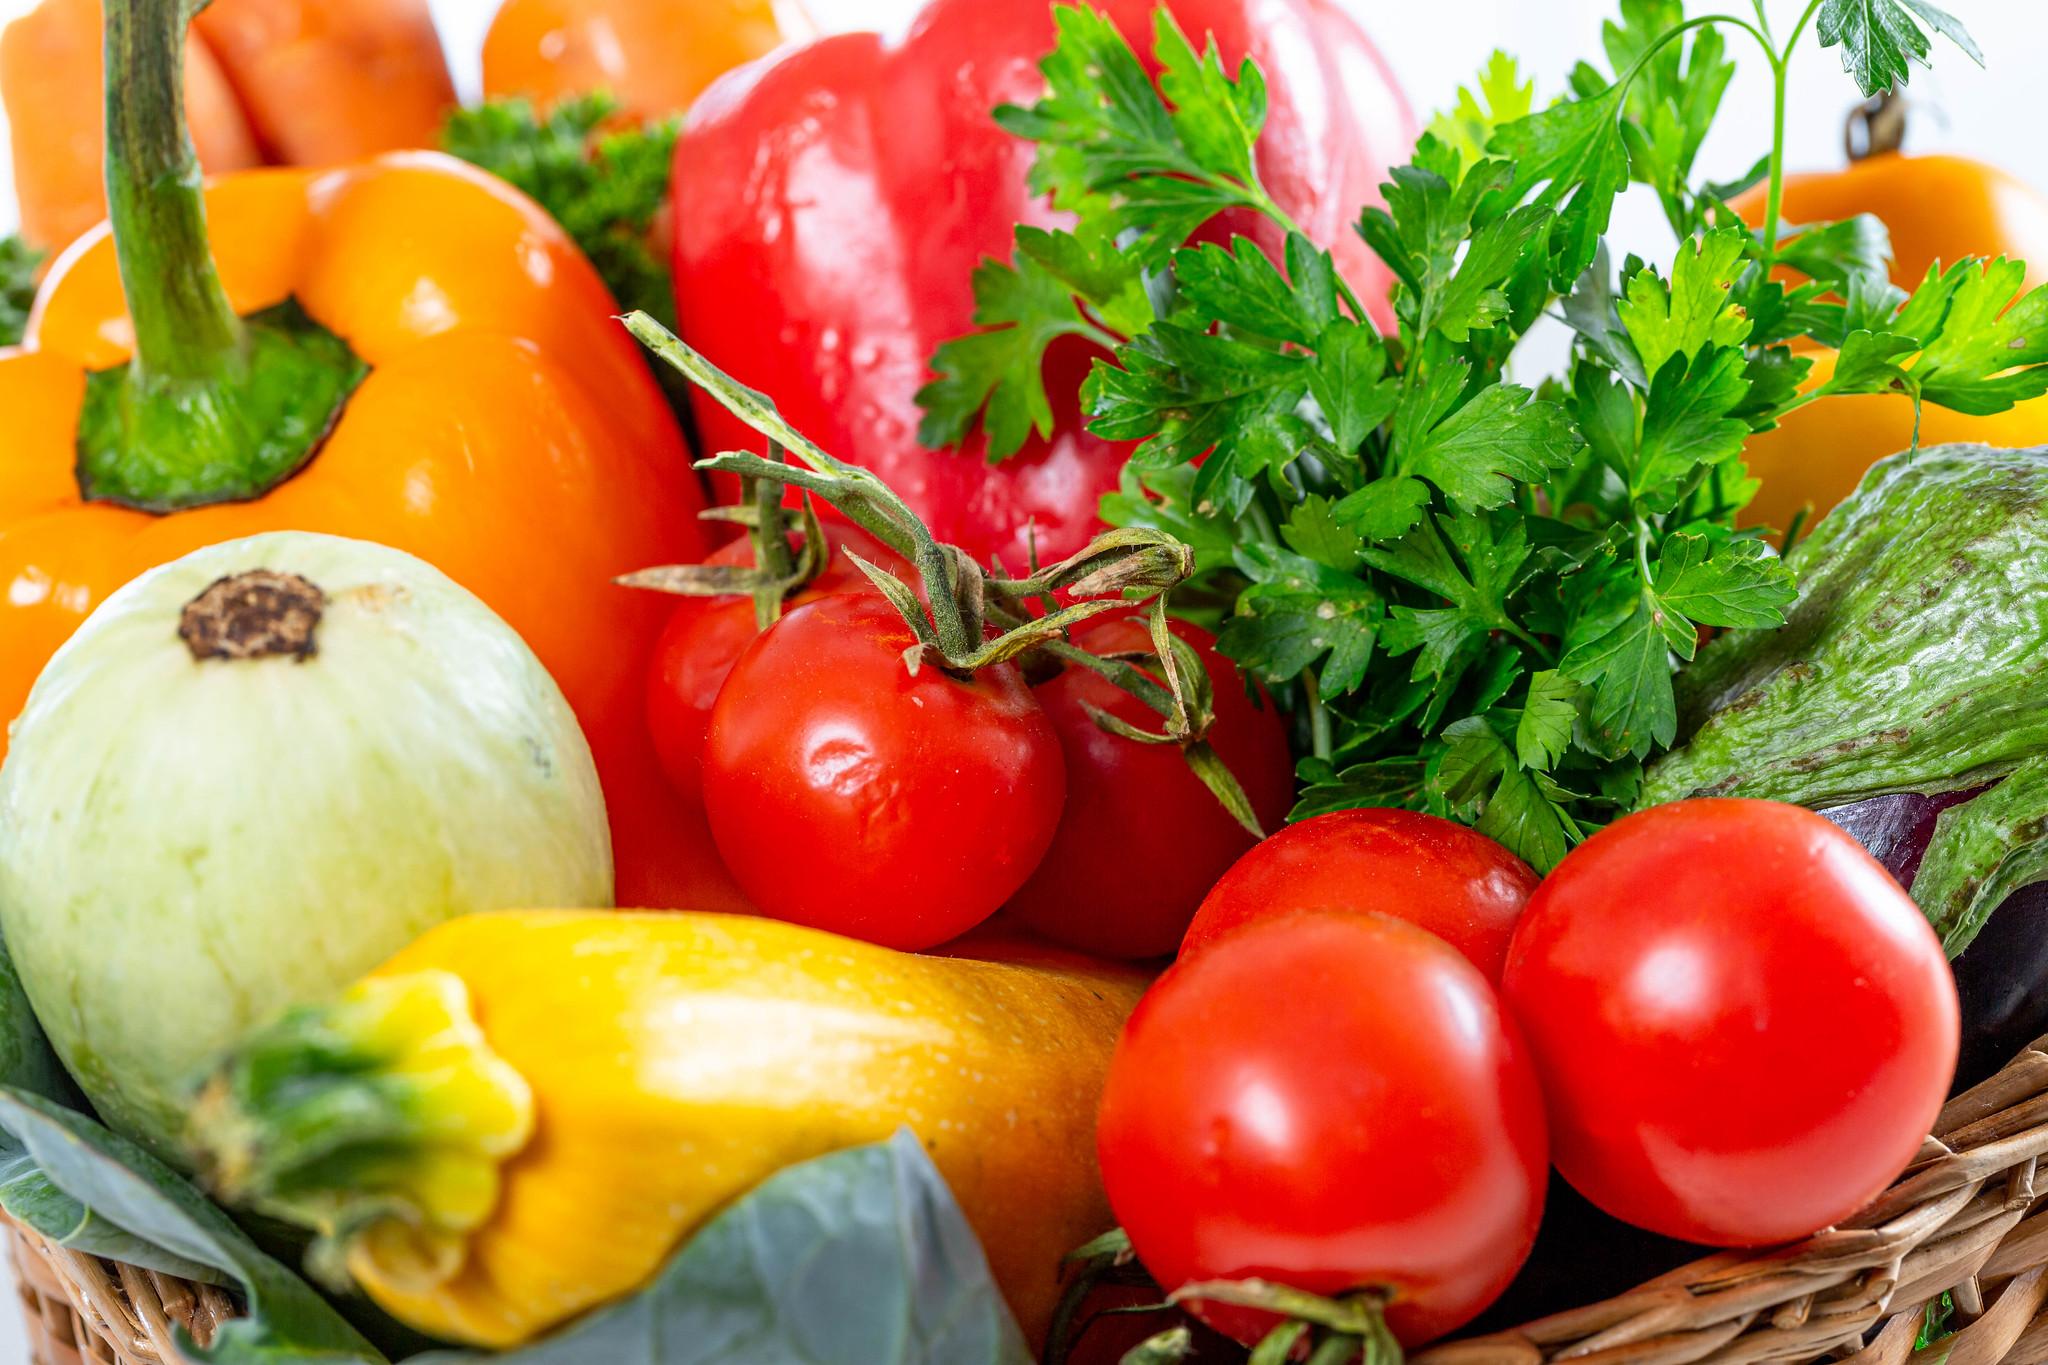 Cuisiner les légumes, très bien, mais que faire des restes